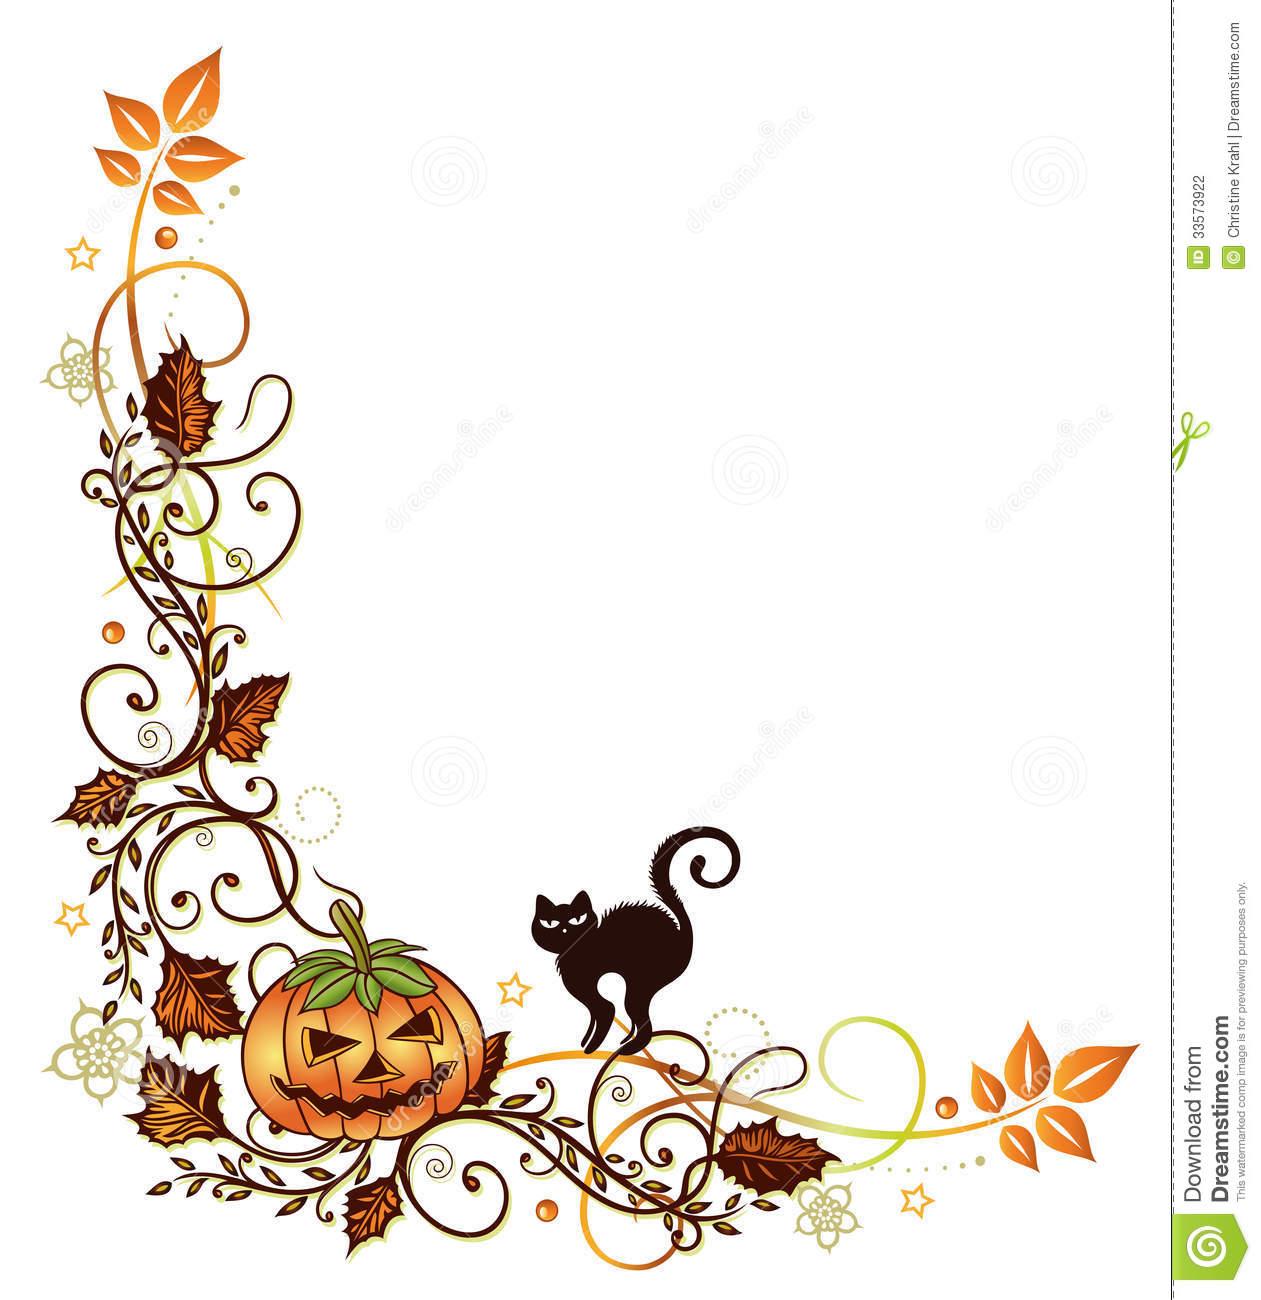 1261x1300 Pumpkin Border Clip Art Amp Look At Pumpkin Border Clip Art Clip Art